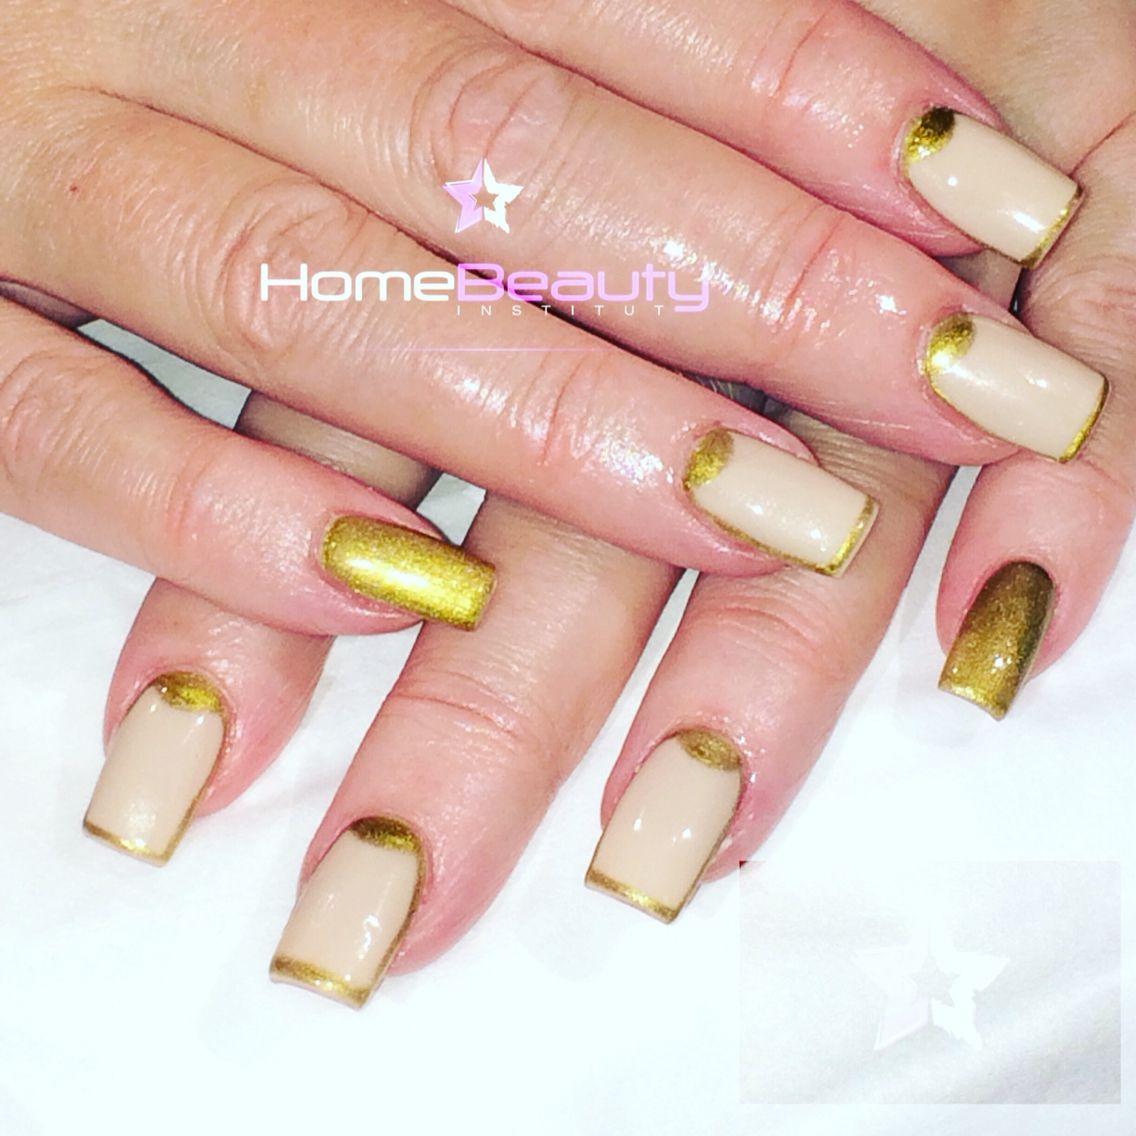 #nailart#switzerland#oro#extraterrestre#nude#hAndmade#homebeauty